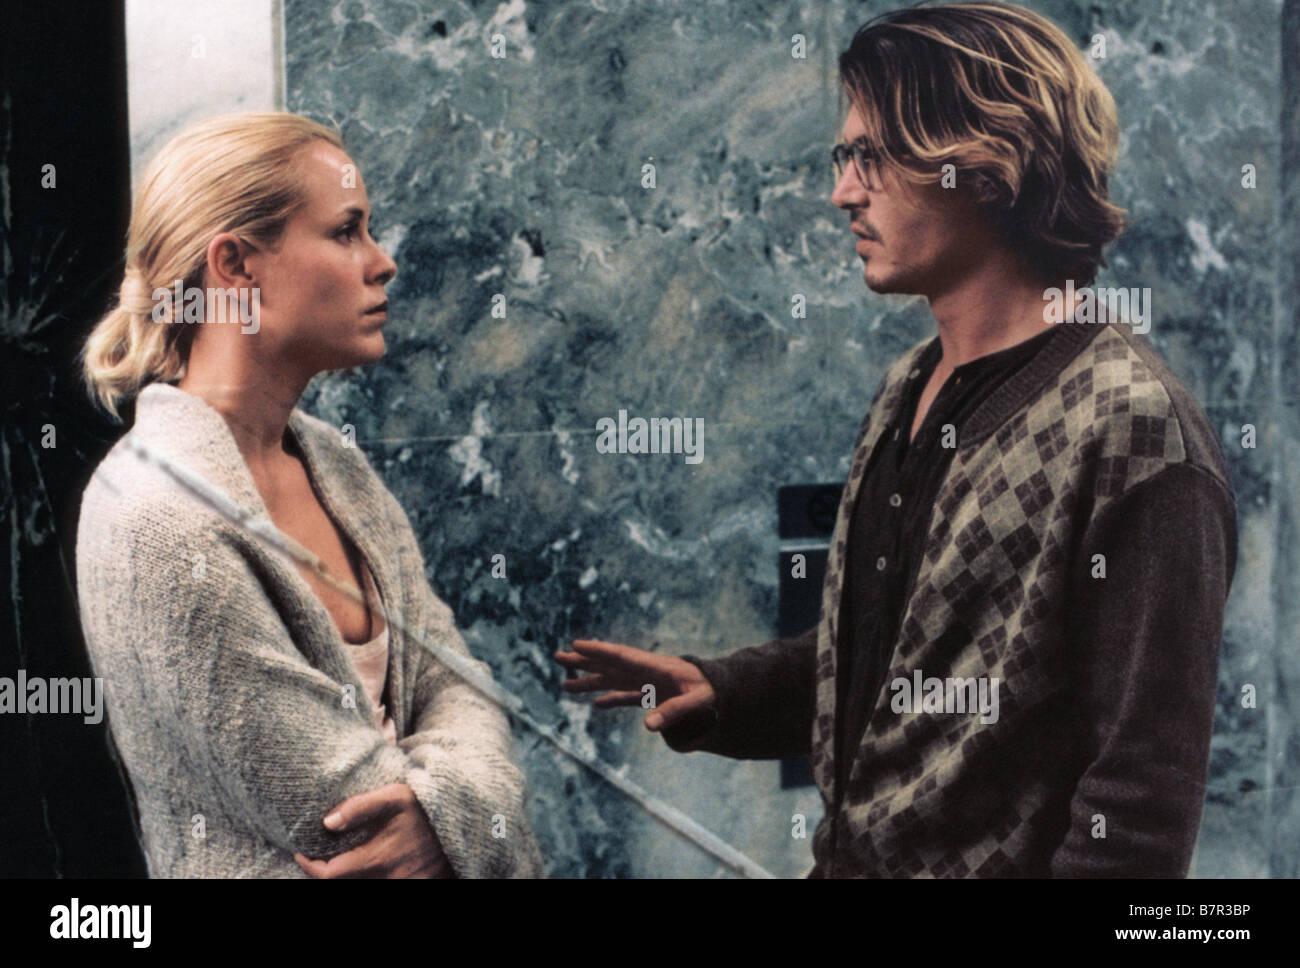 Fen tre secrete secret window ann e 2004 usa maria bello for Fenetre secrete film